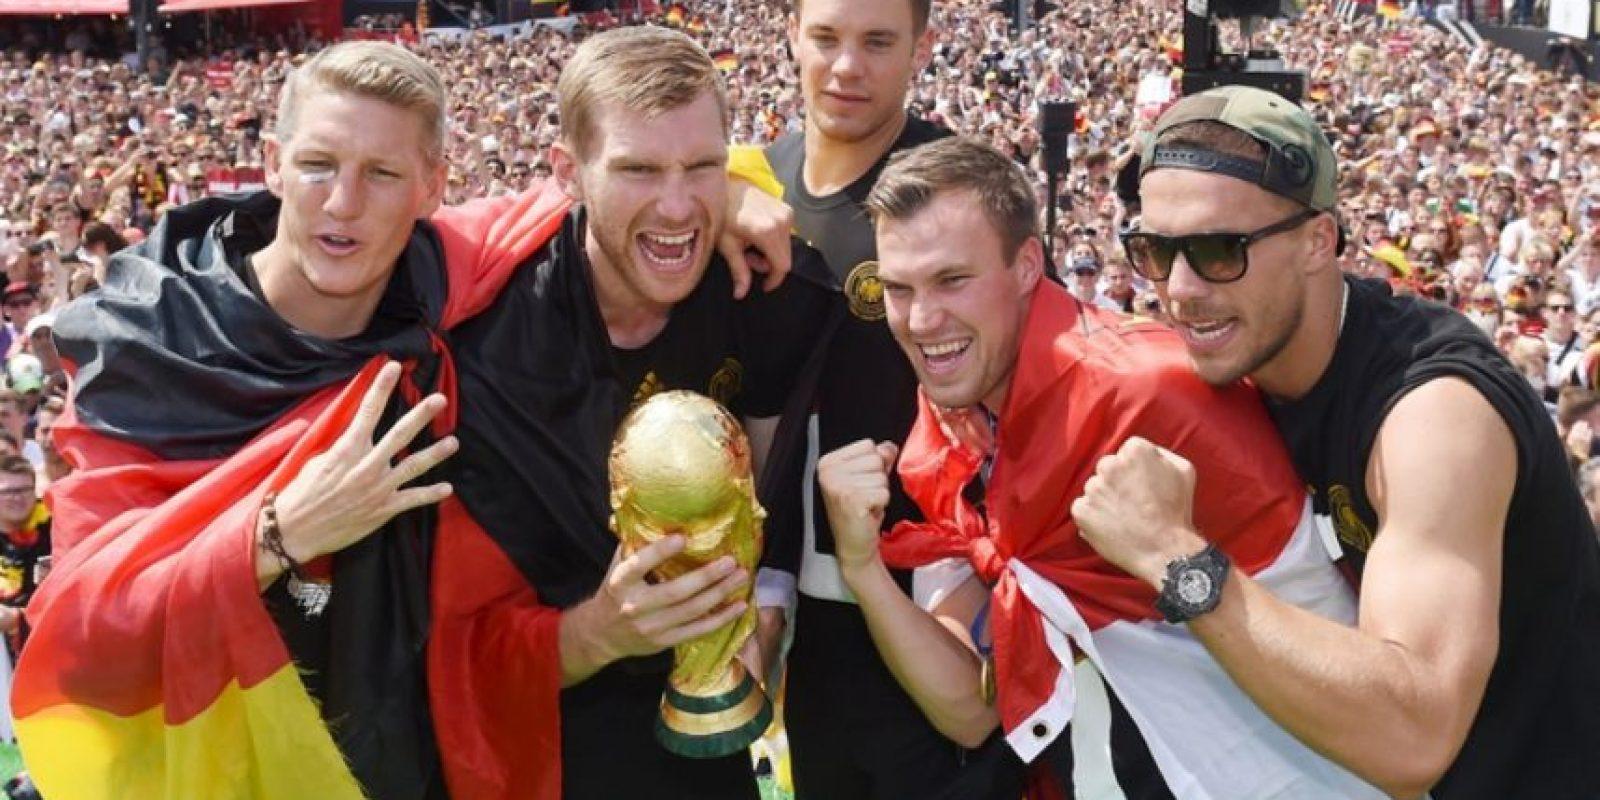 La utilizó durante los festejos en Alemania al ganar el Mundial. Foto:unitedcharity.de